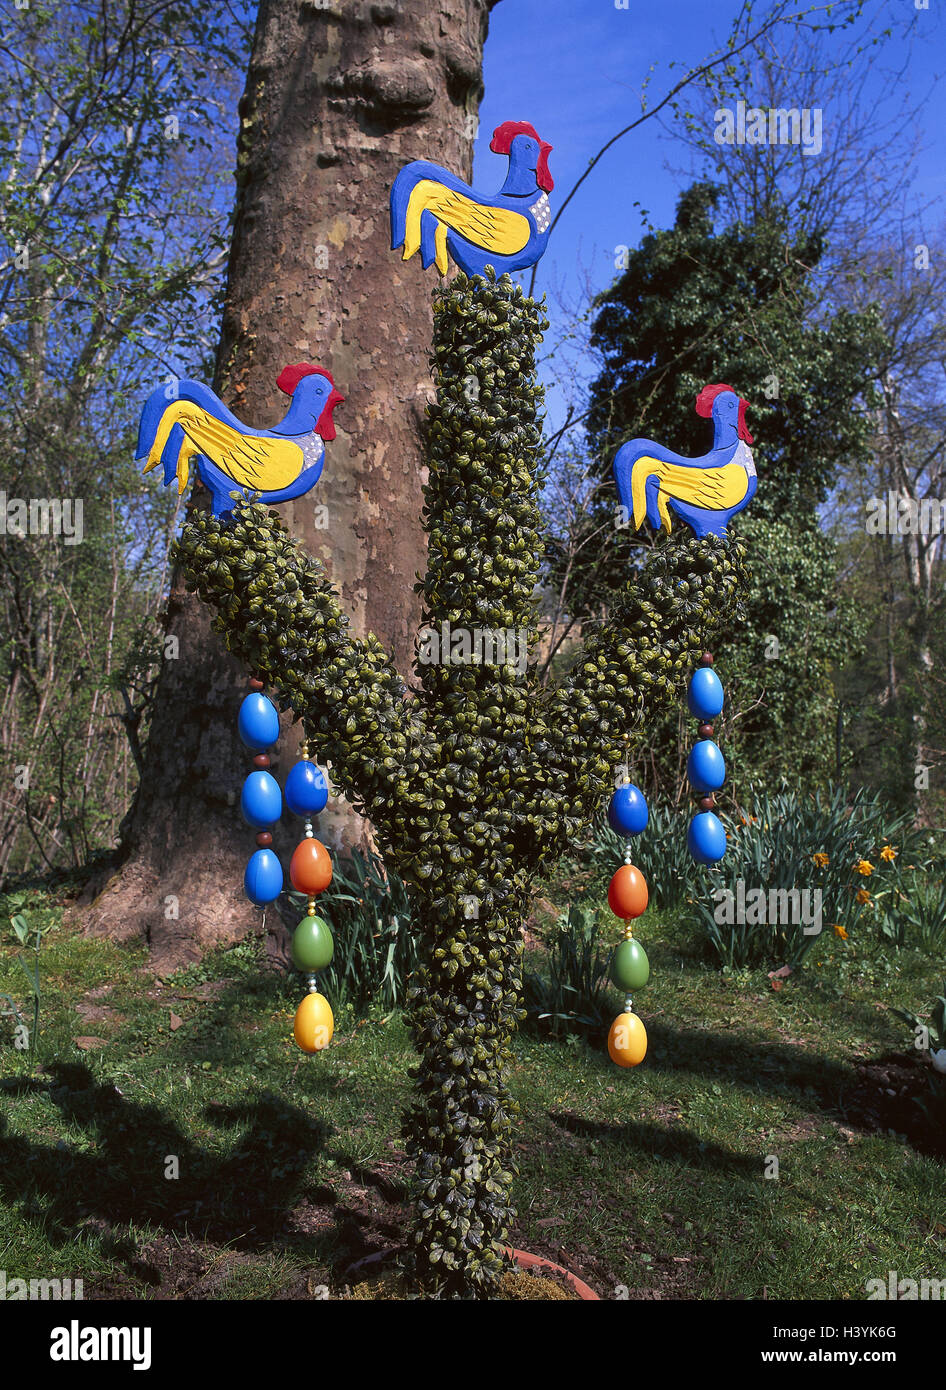 Ostern Garten Kunststoff Baum Osterdekoration Hölzerne Hähne